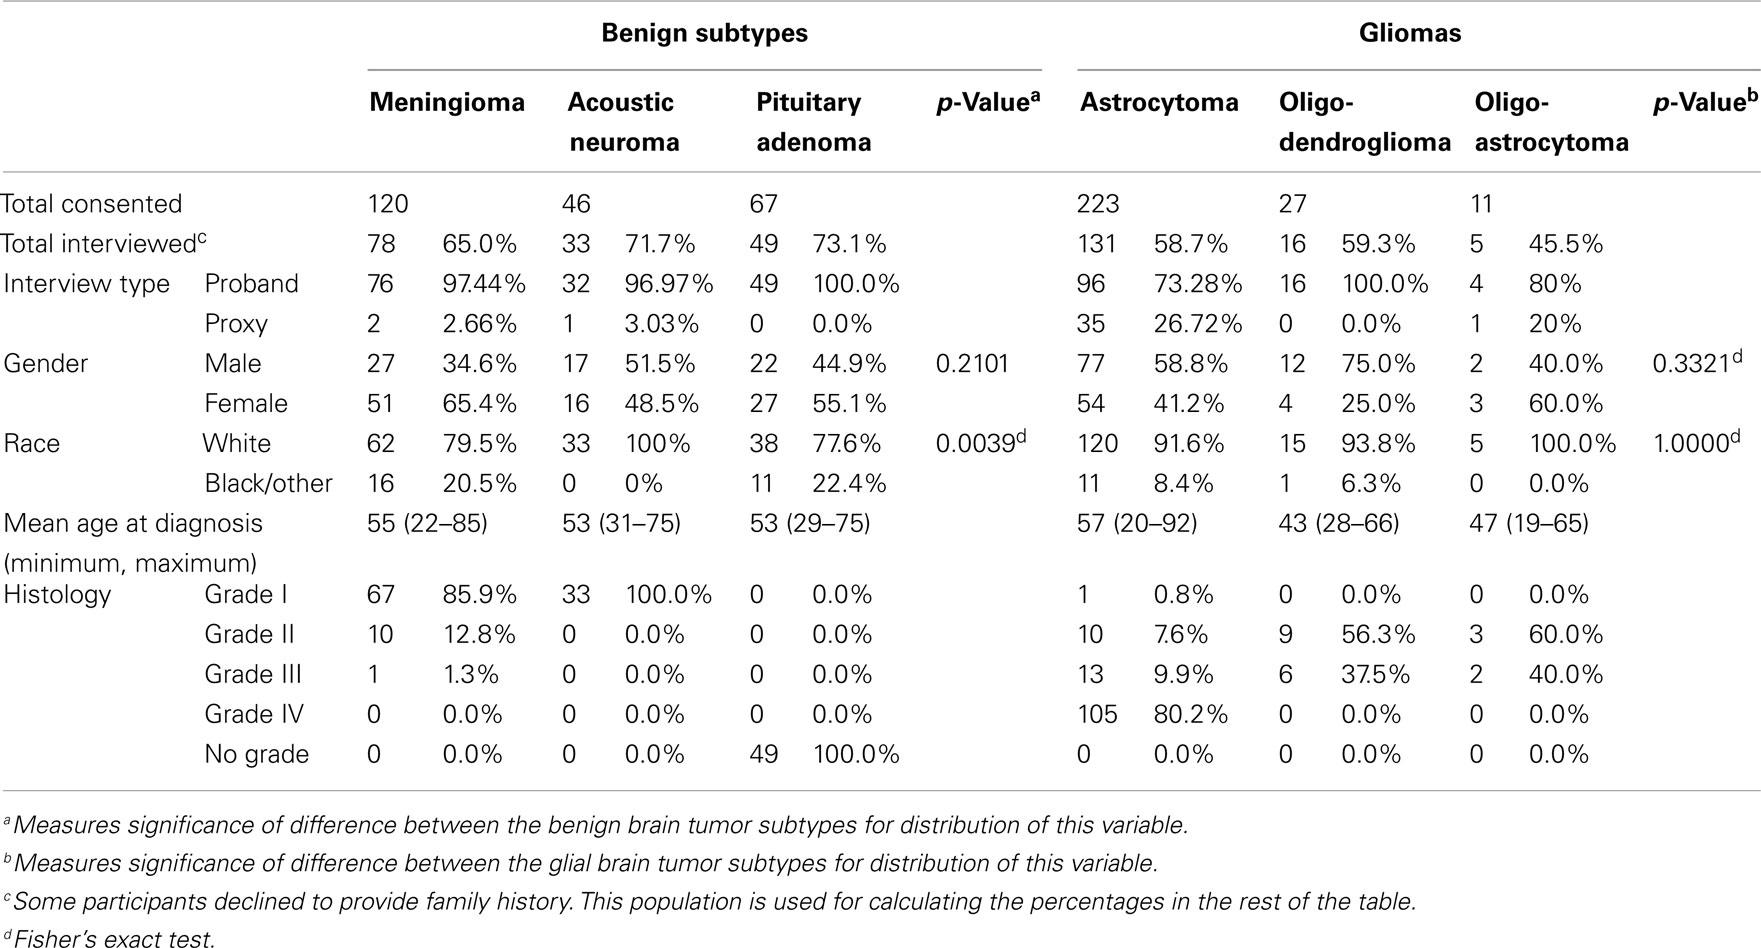 benign cancer subtypes